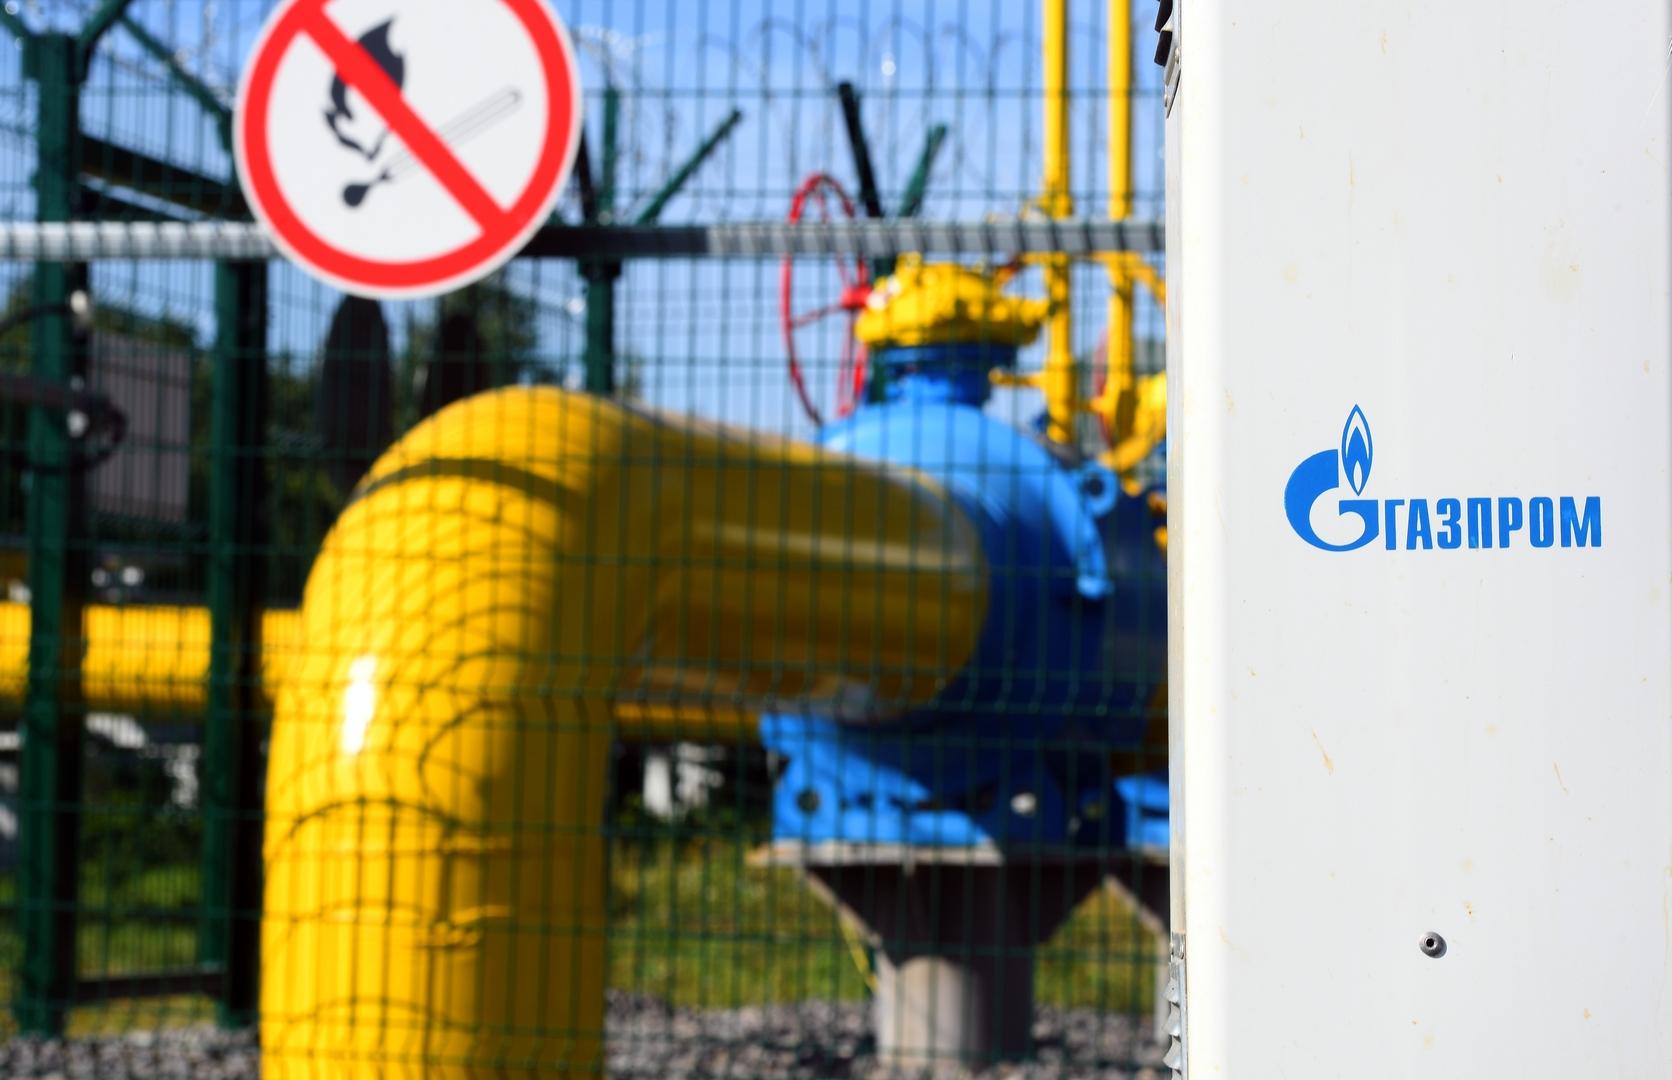 ترانزيت الغاز الروسي عبر أوكرانيا يهبط إلى أدنى مستوى في 30 عاما